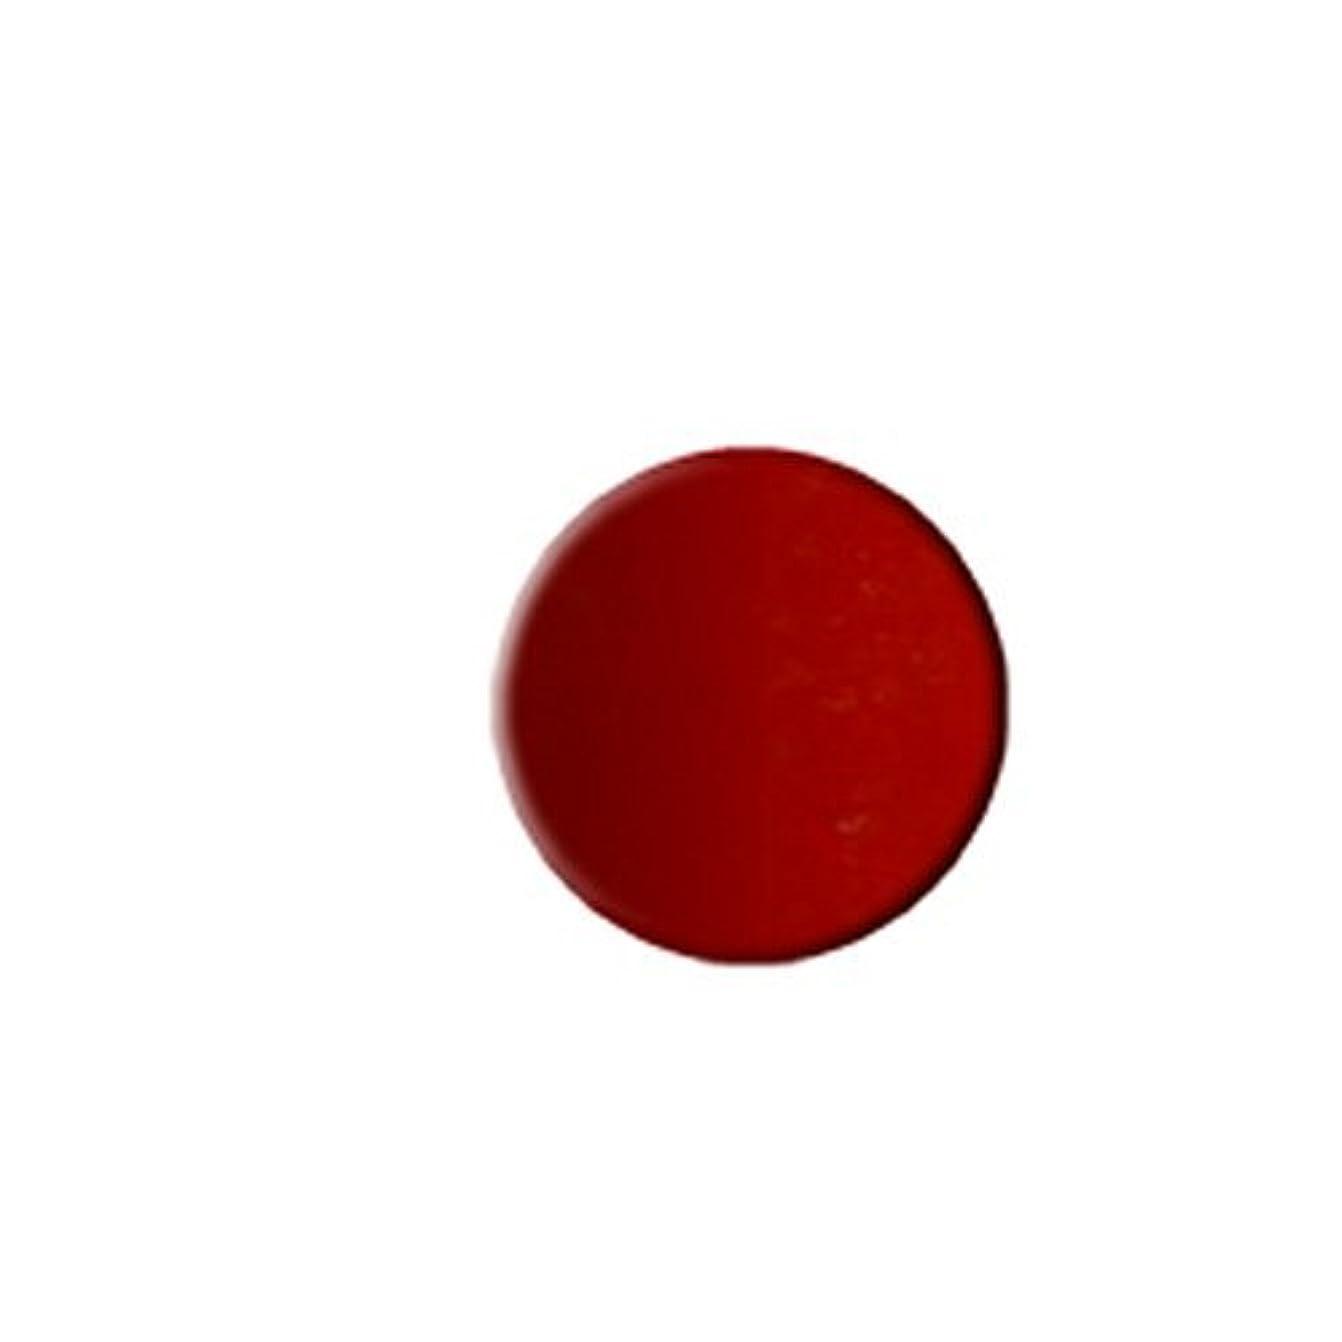 アミューズメントモザイクどれかKLEANCOLOR Everlasting Lipstick - Radiant Red (並行輸入品)